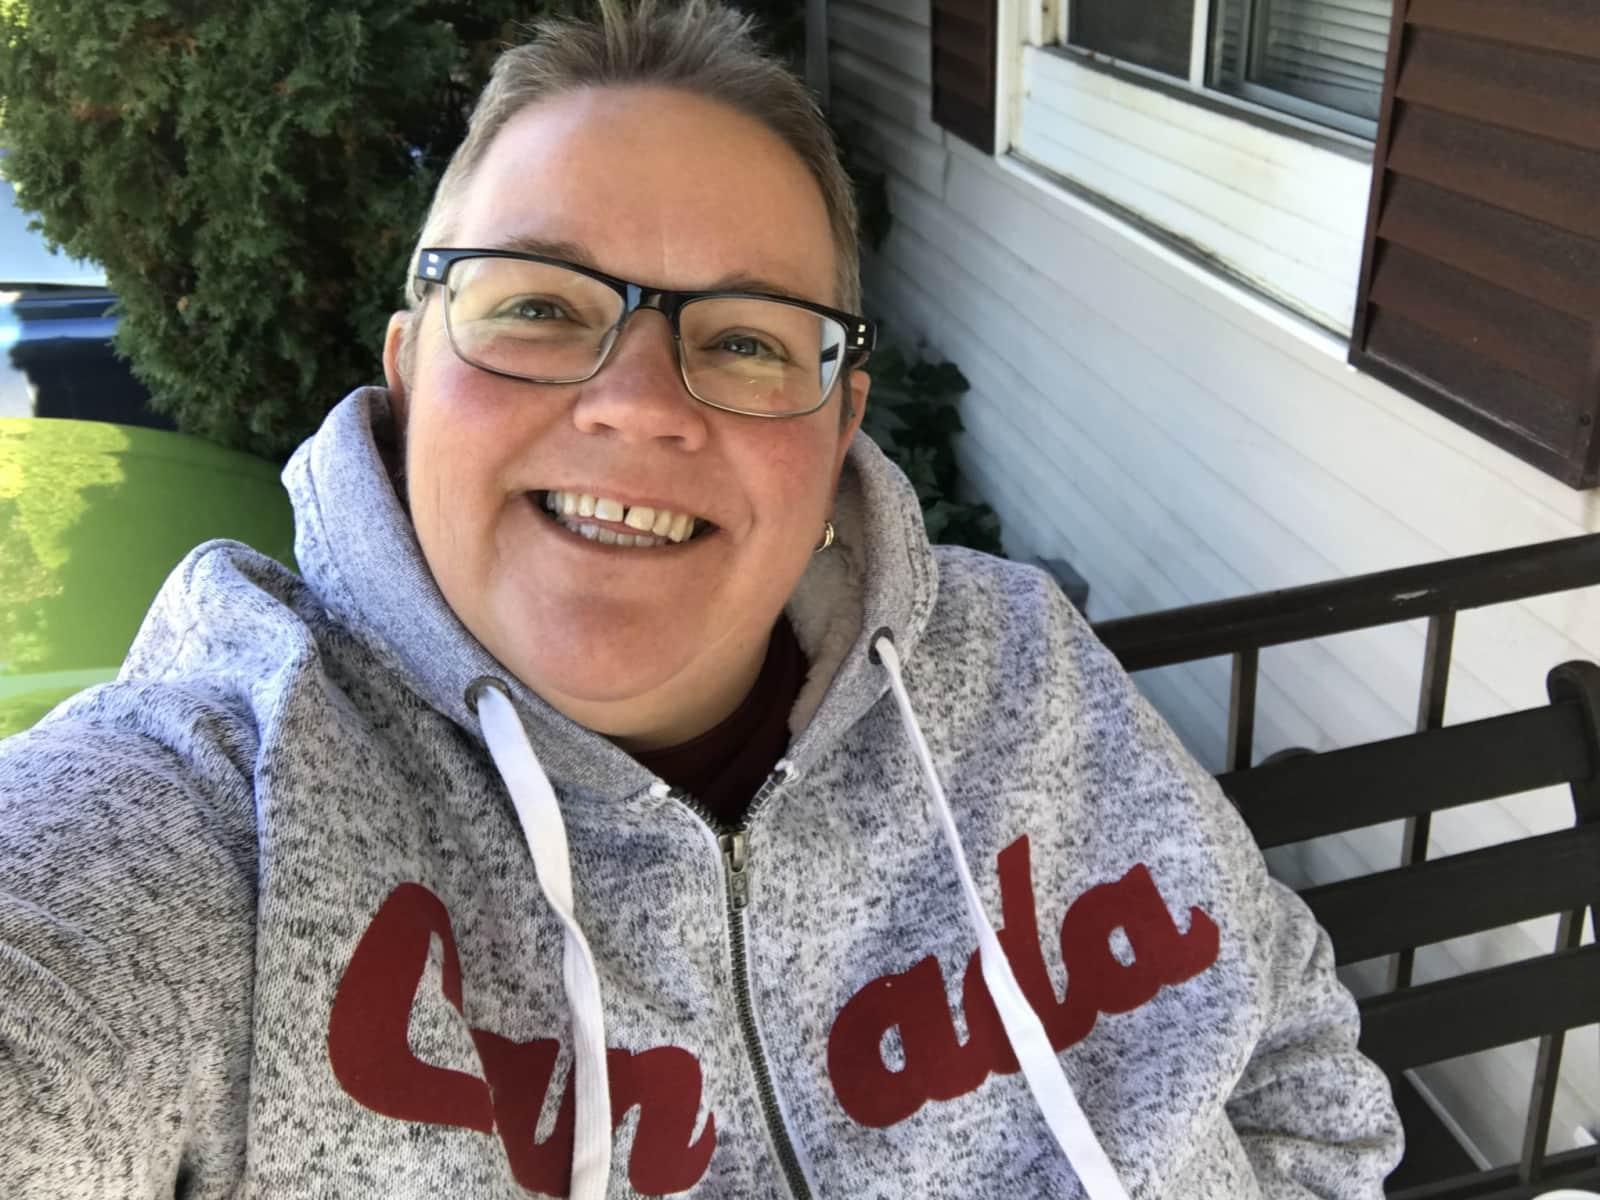 Jill from Hamilton, Ontario, Canada